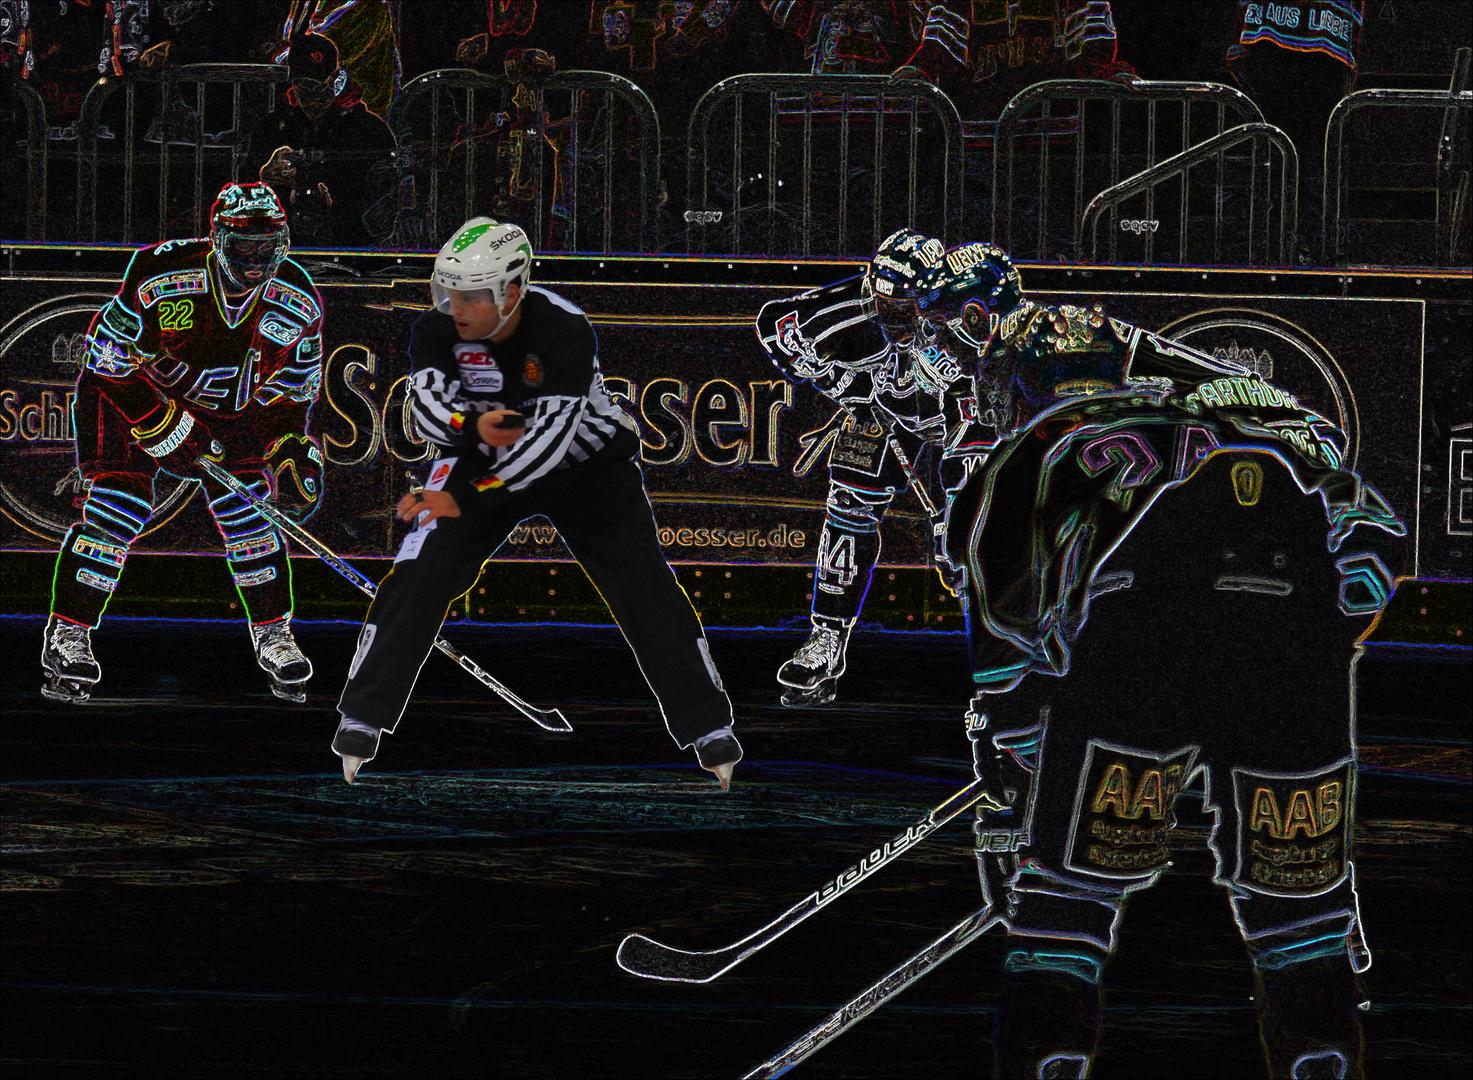 Eishockey mal anders!